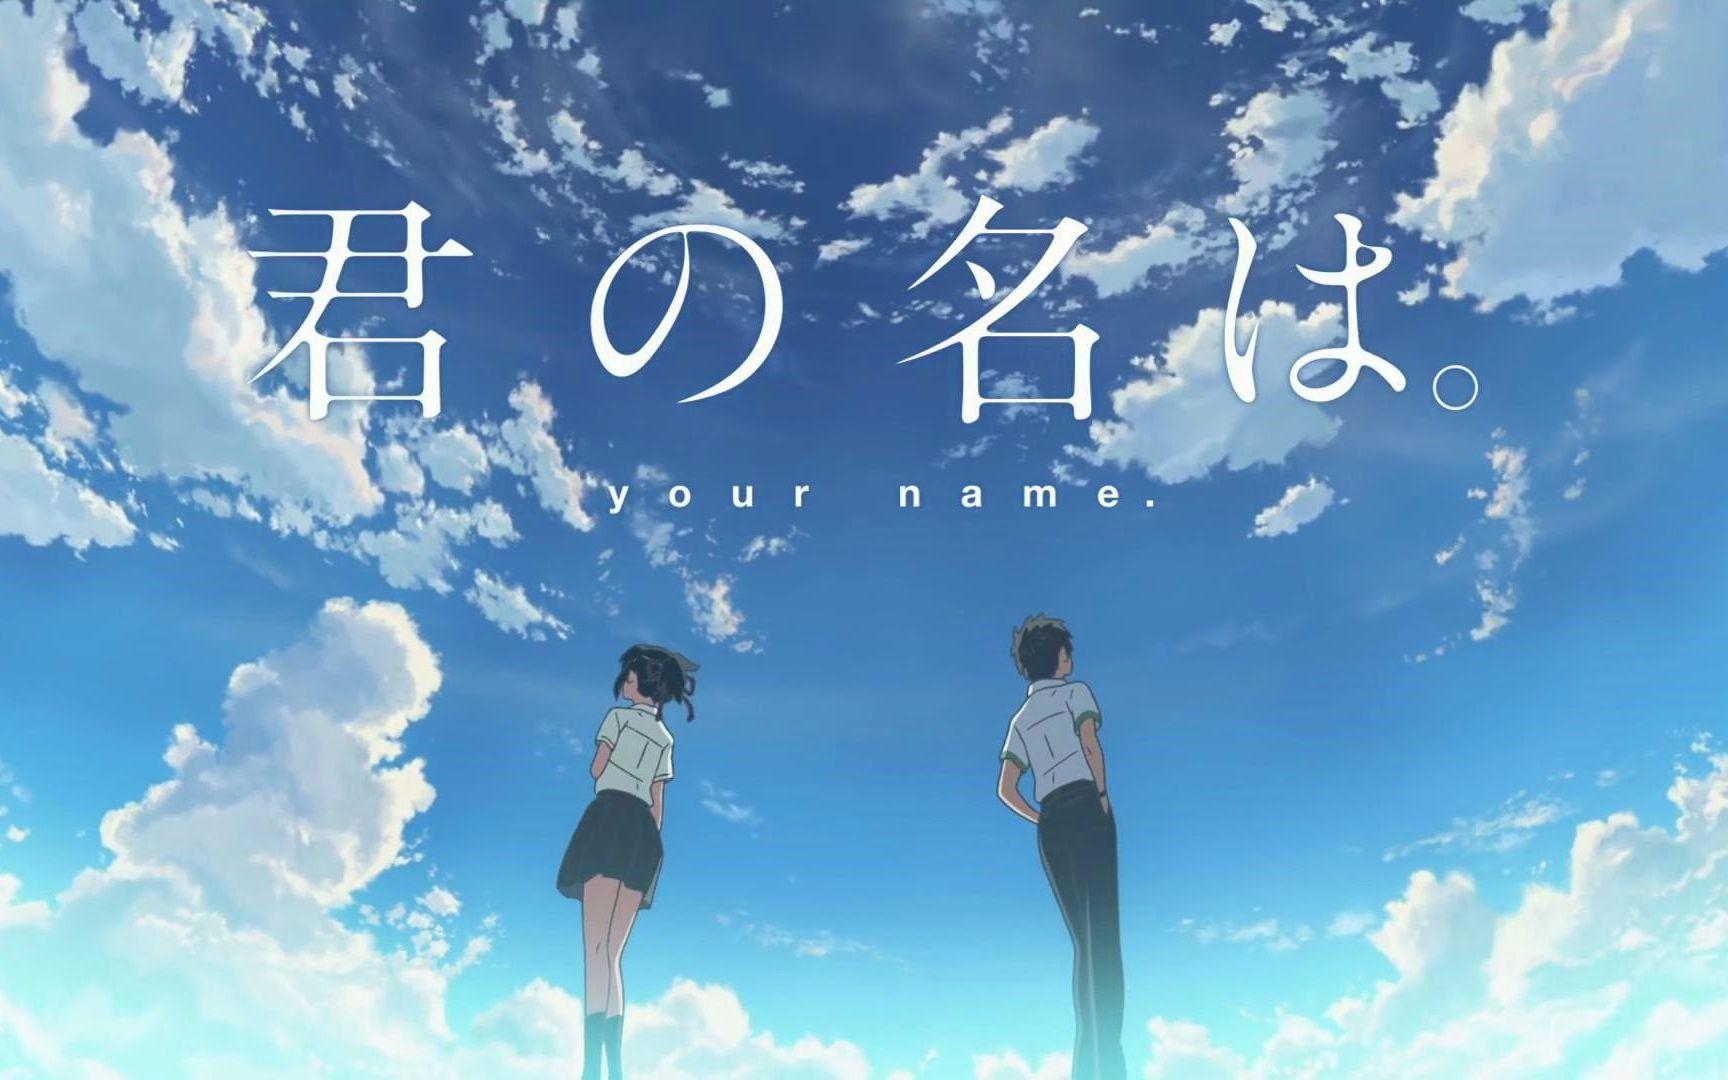 你的名字 1080p 网盘